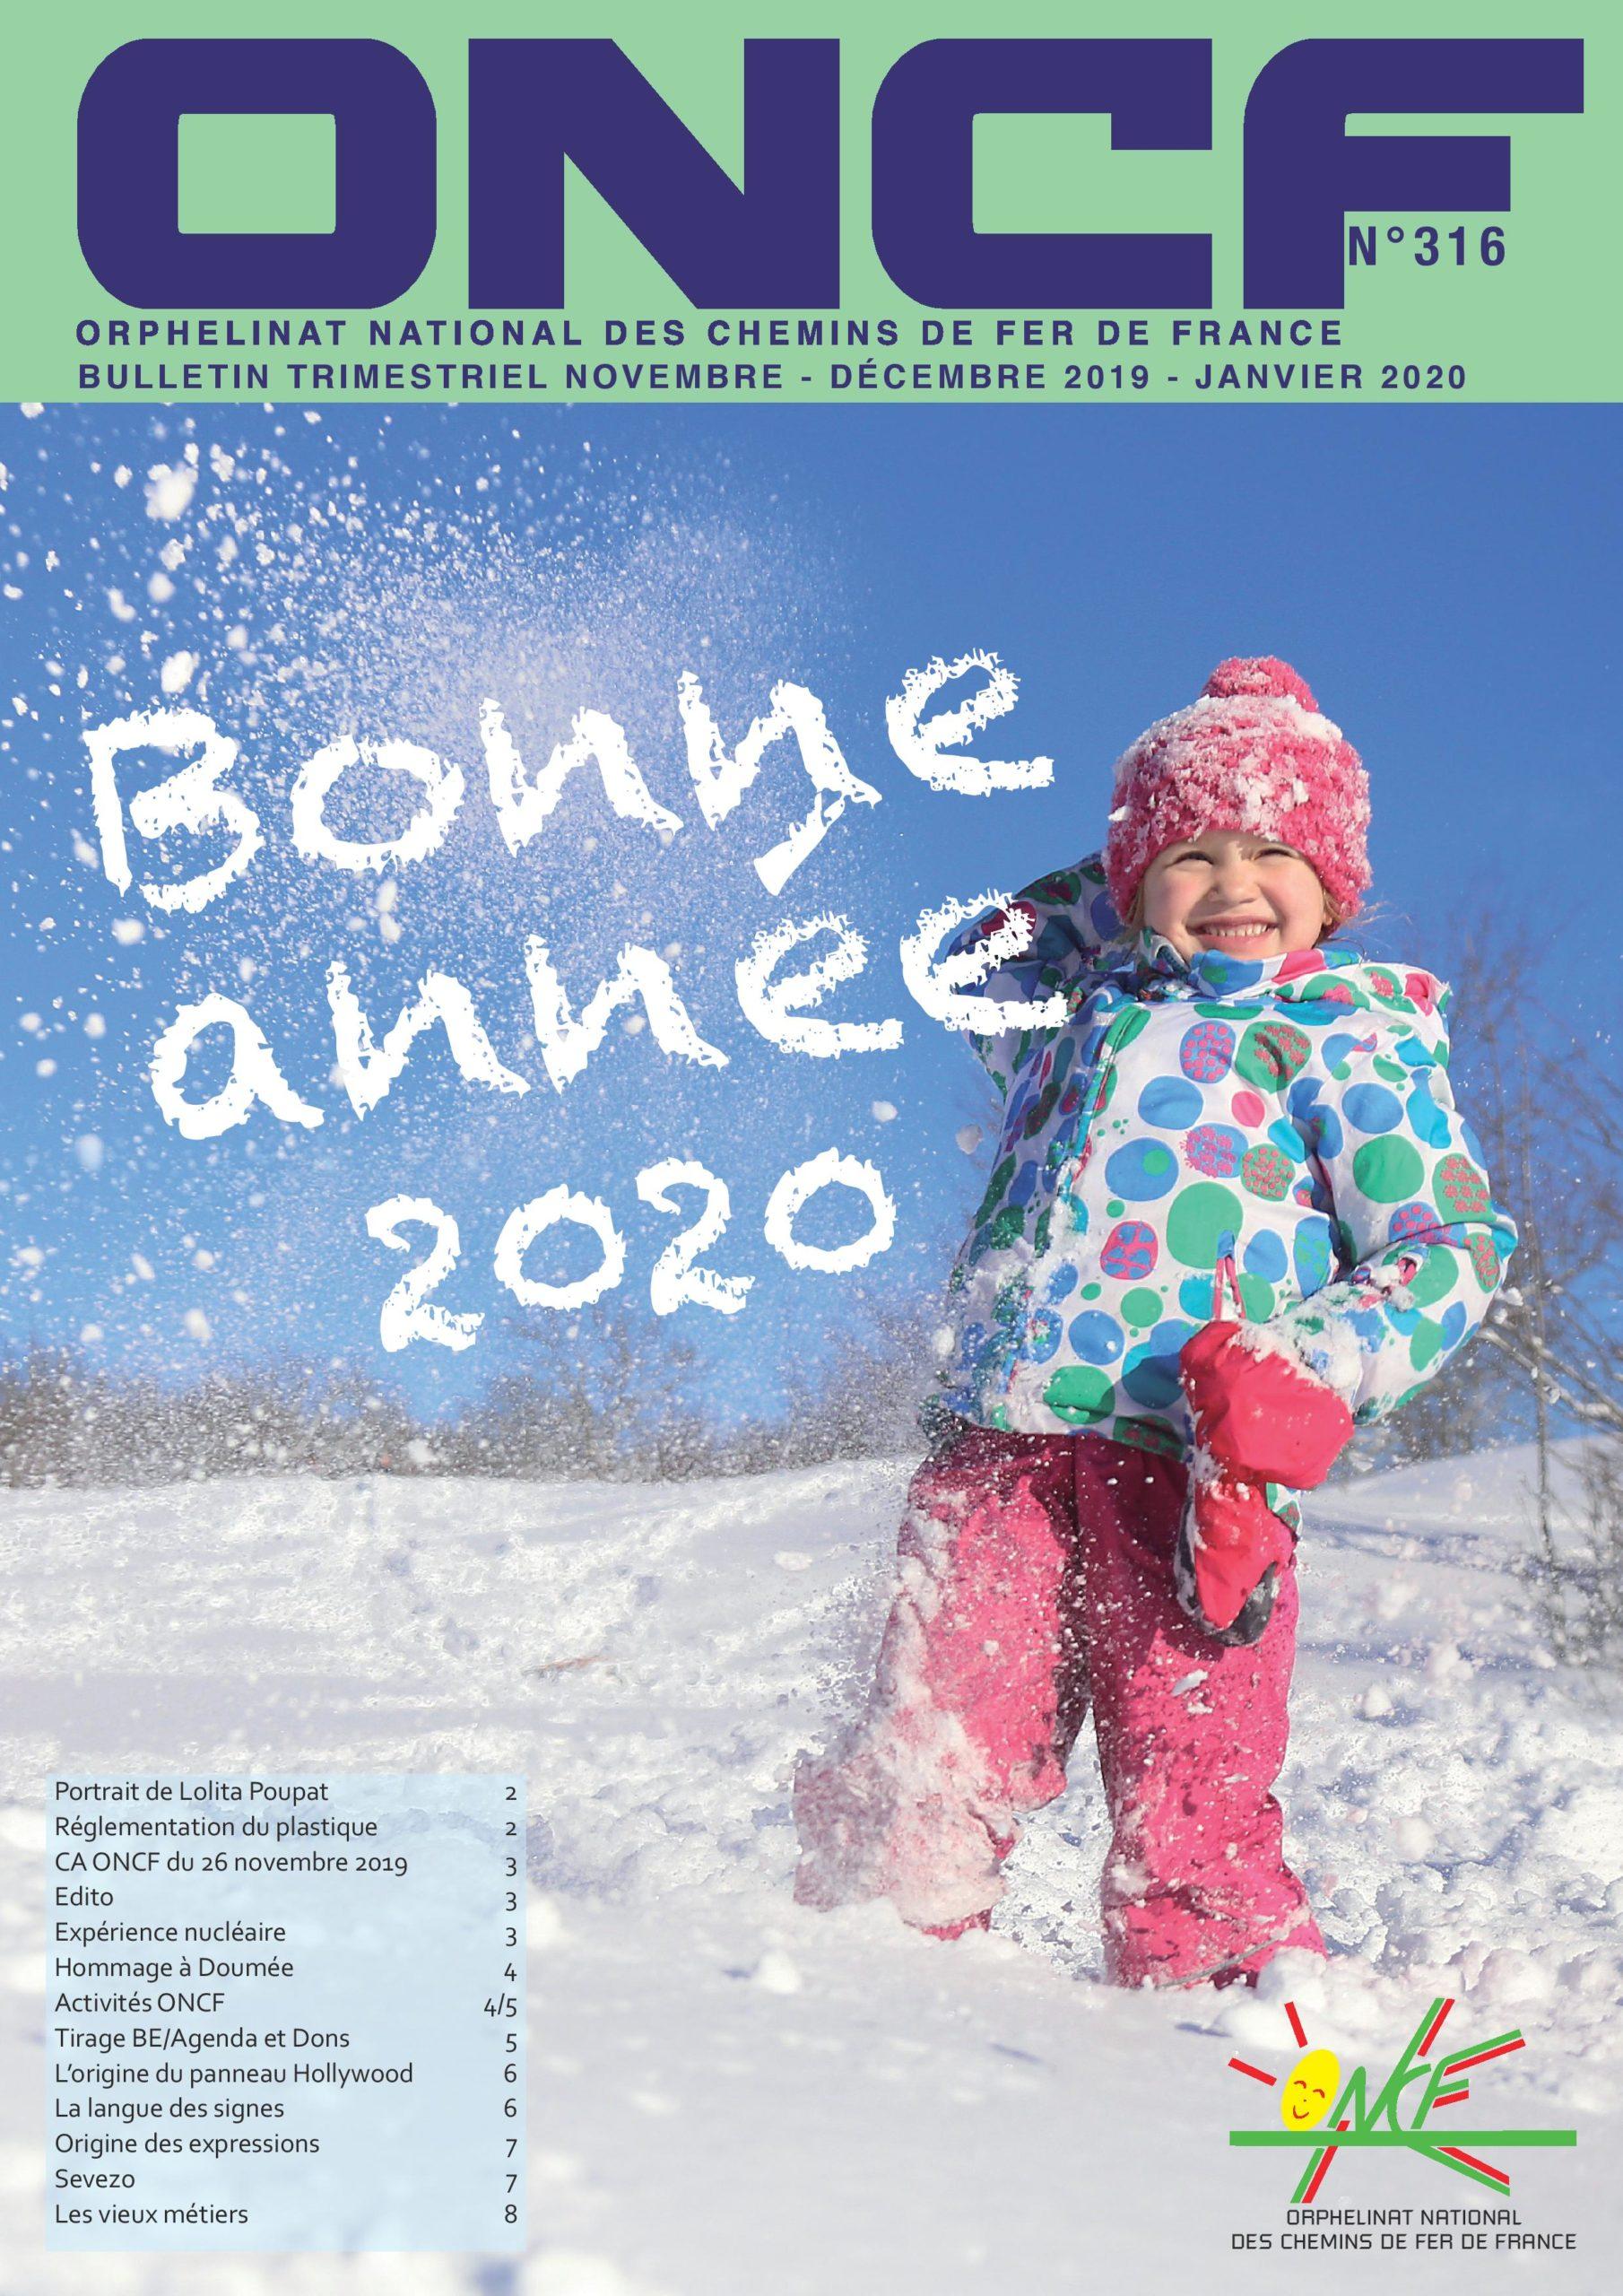 Bulletin de l'Orphelinat n°316